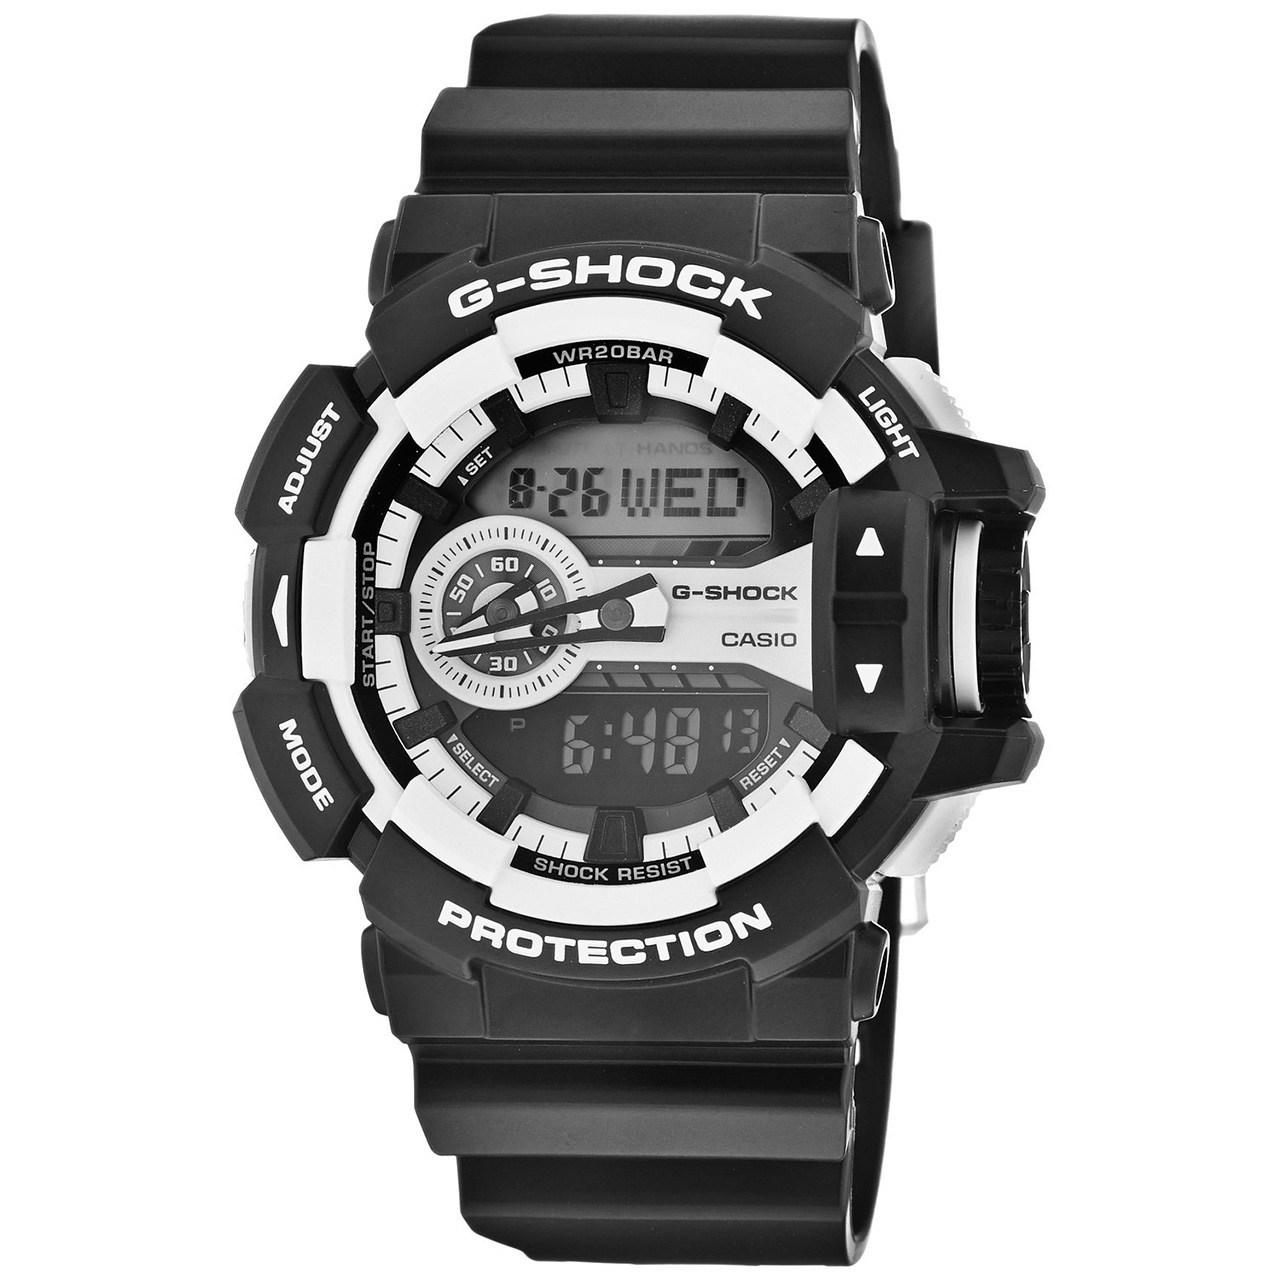 ساعت  کاسیو مدل G-Shock GA-400-1ADR